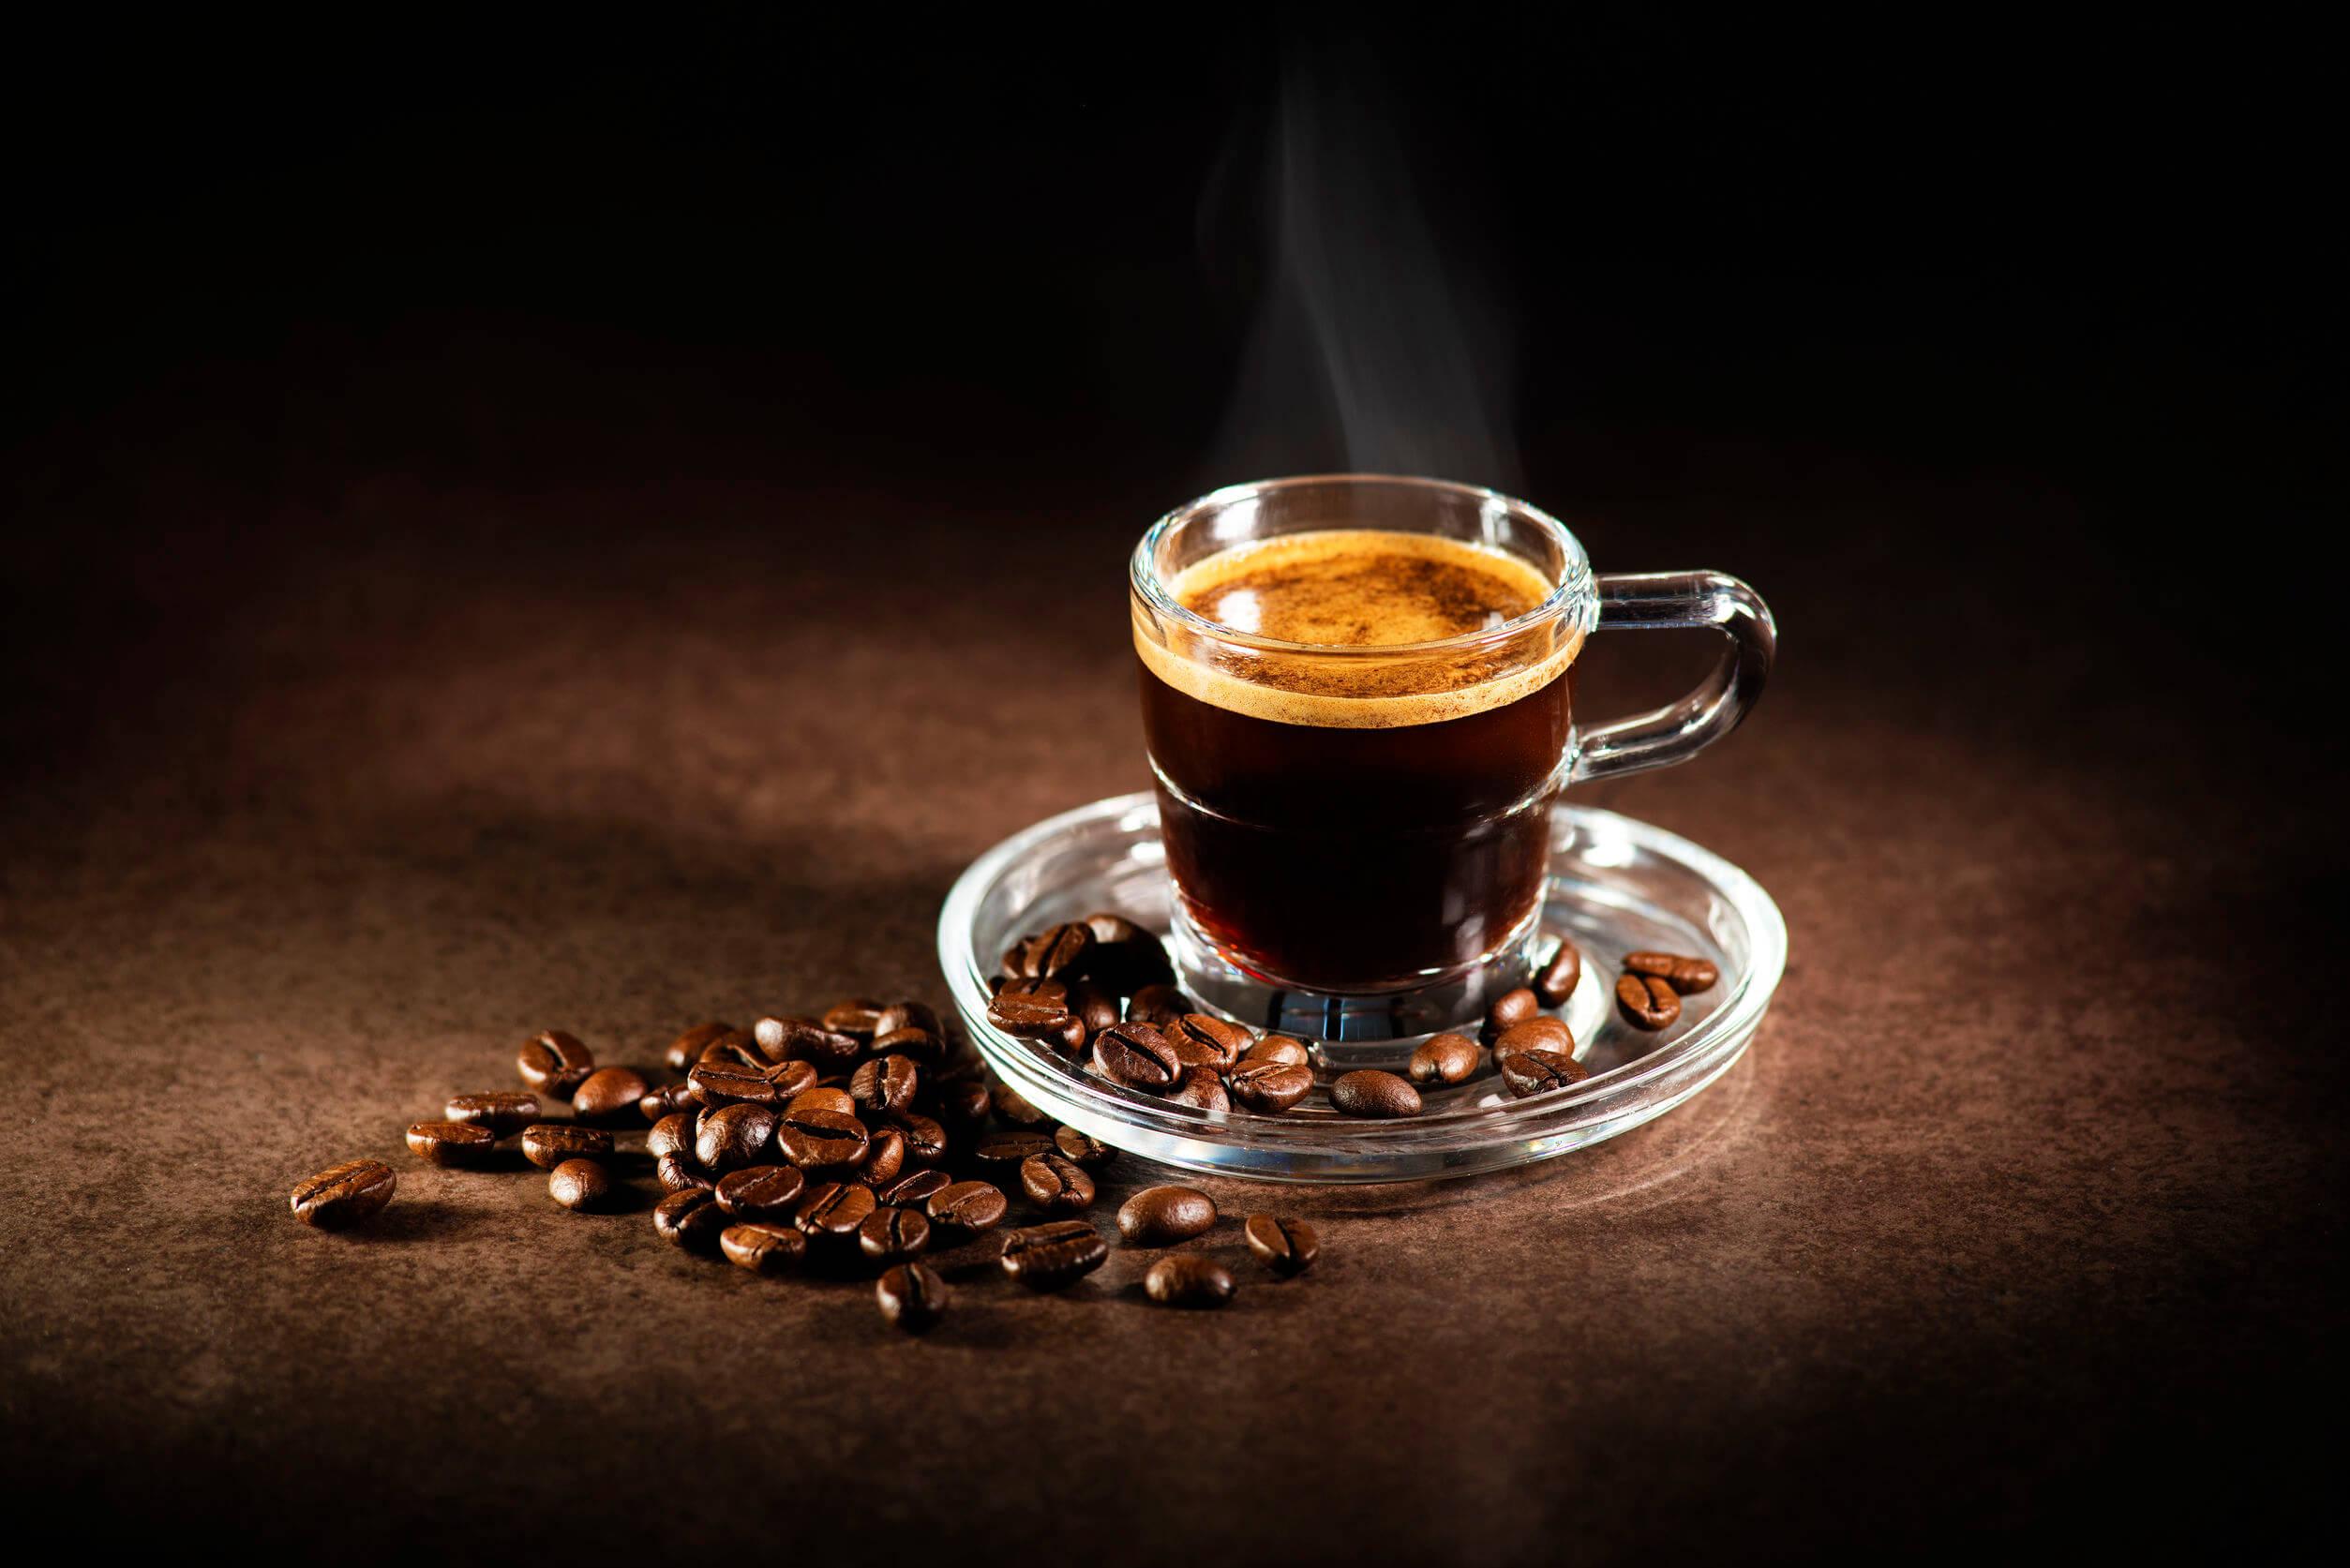 elektrischer espressokocher test